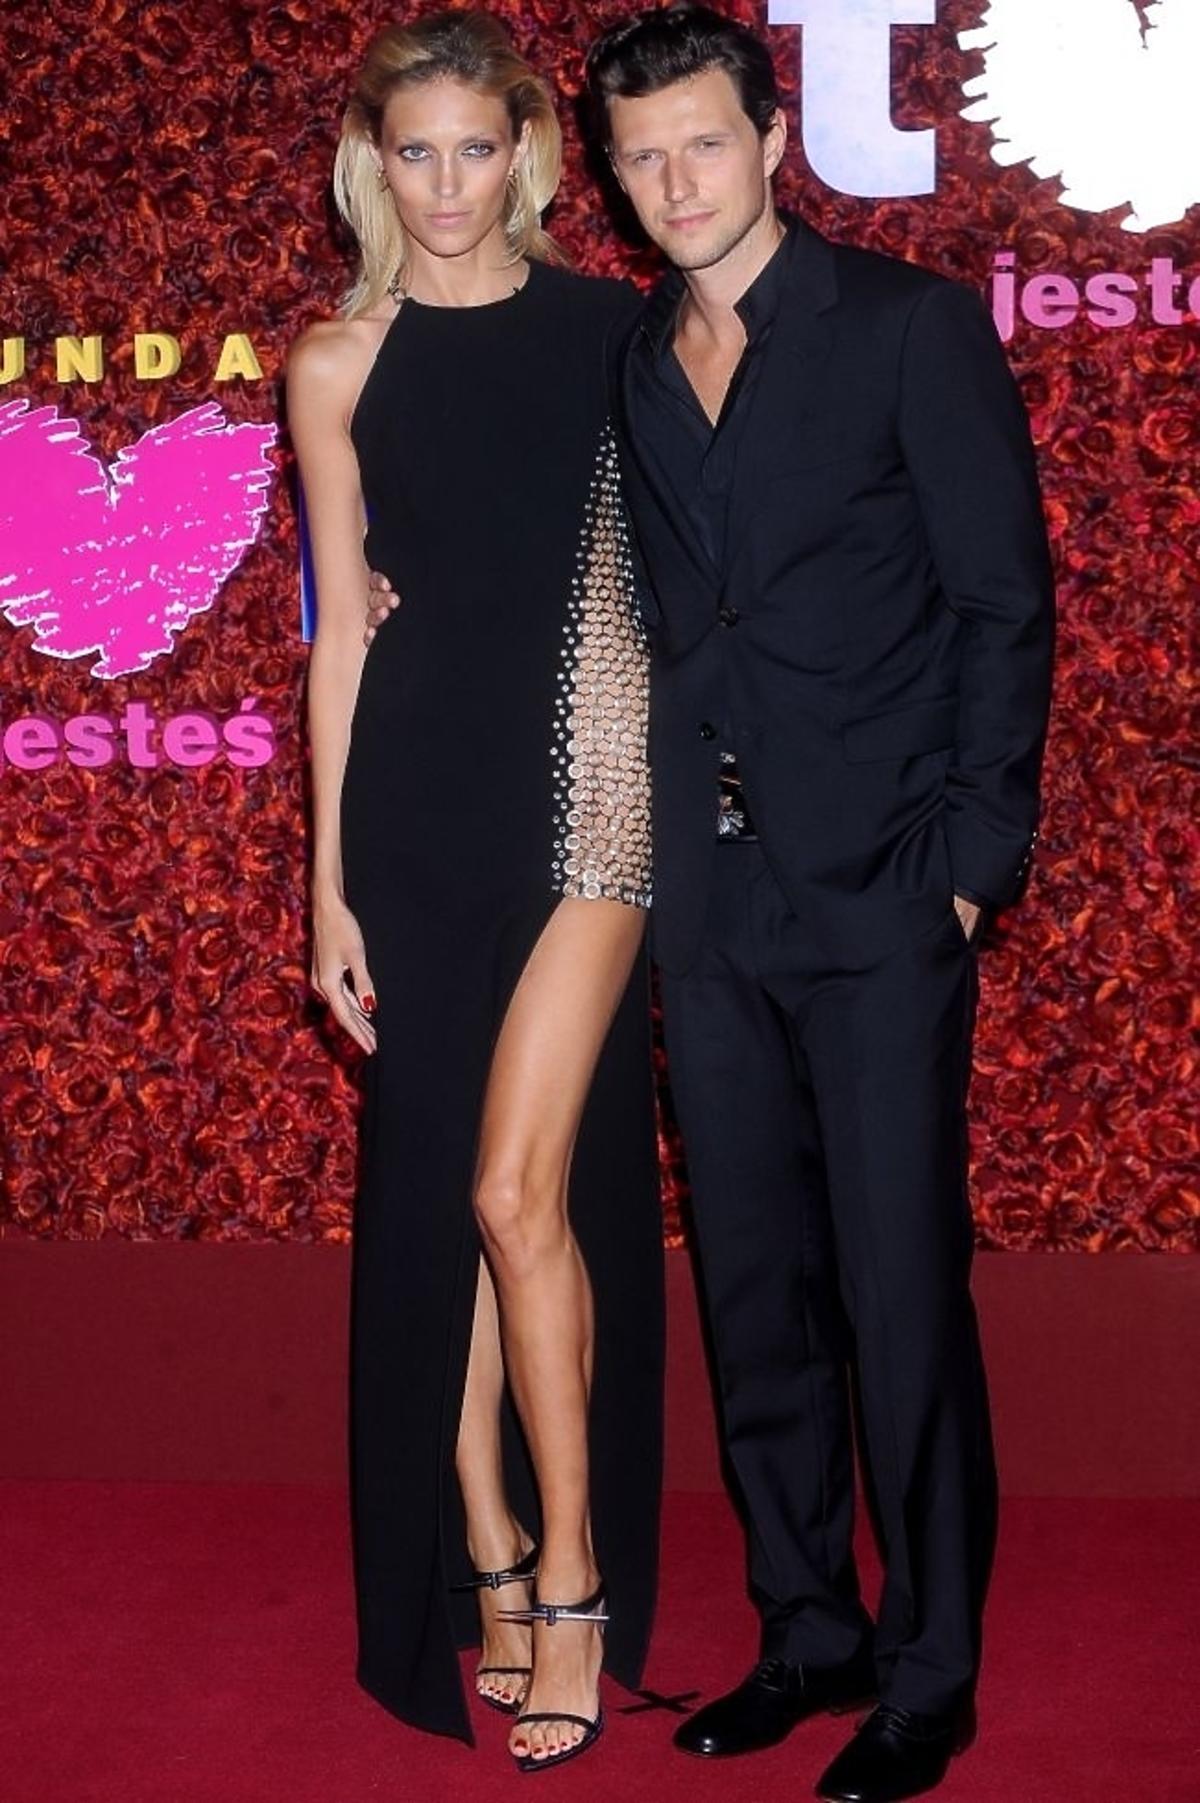 Anja Rubik i Sasha Knezevic najlepiej ubranymi gwiazdmi 2013 według magazynu